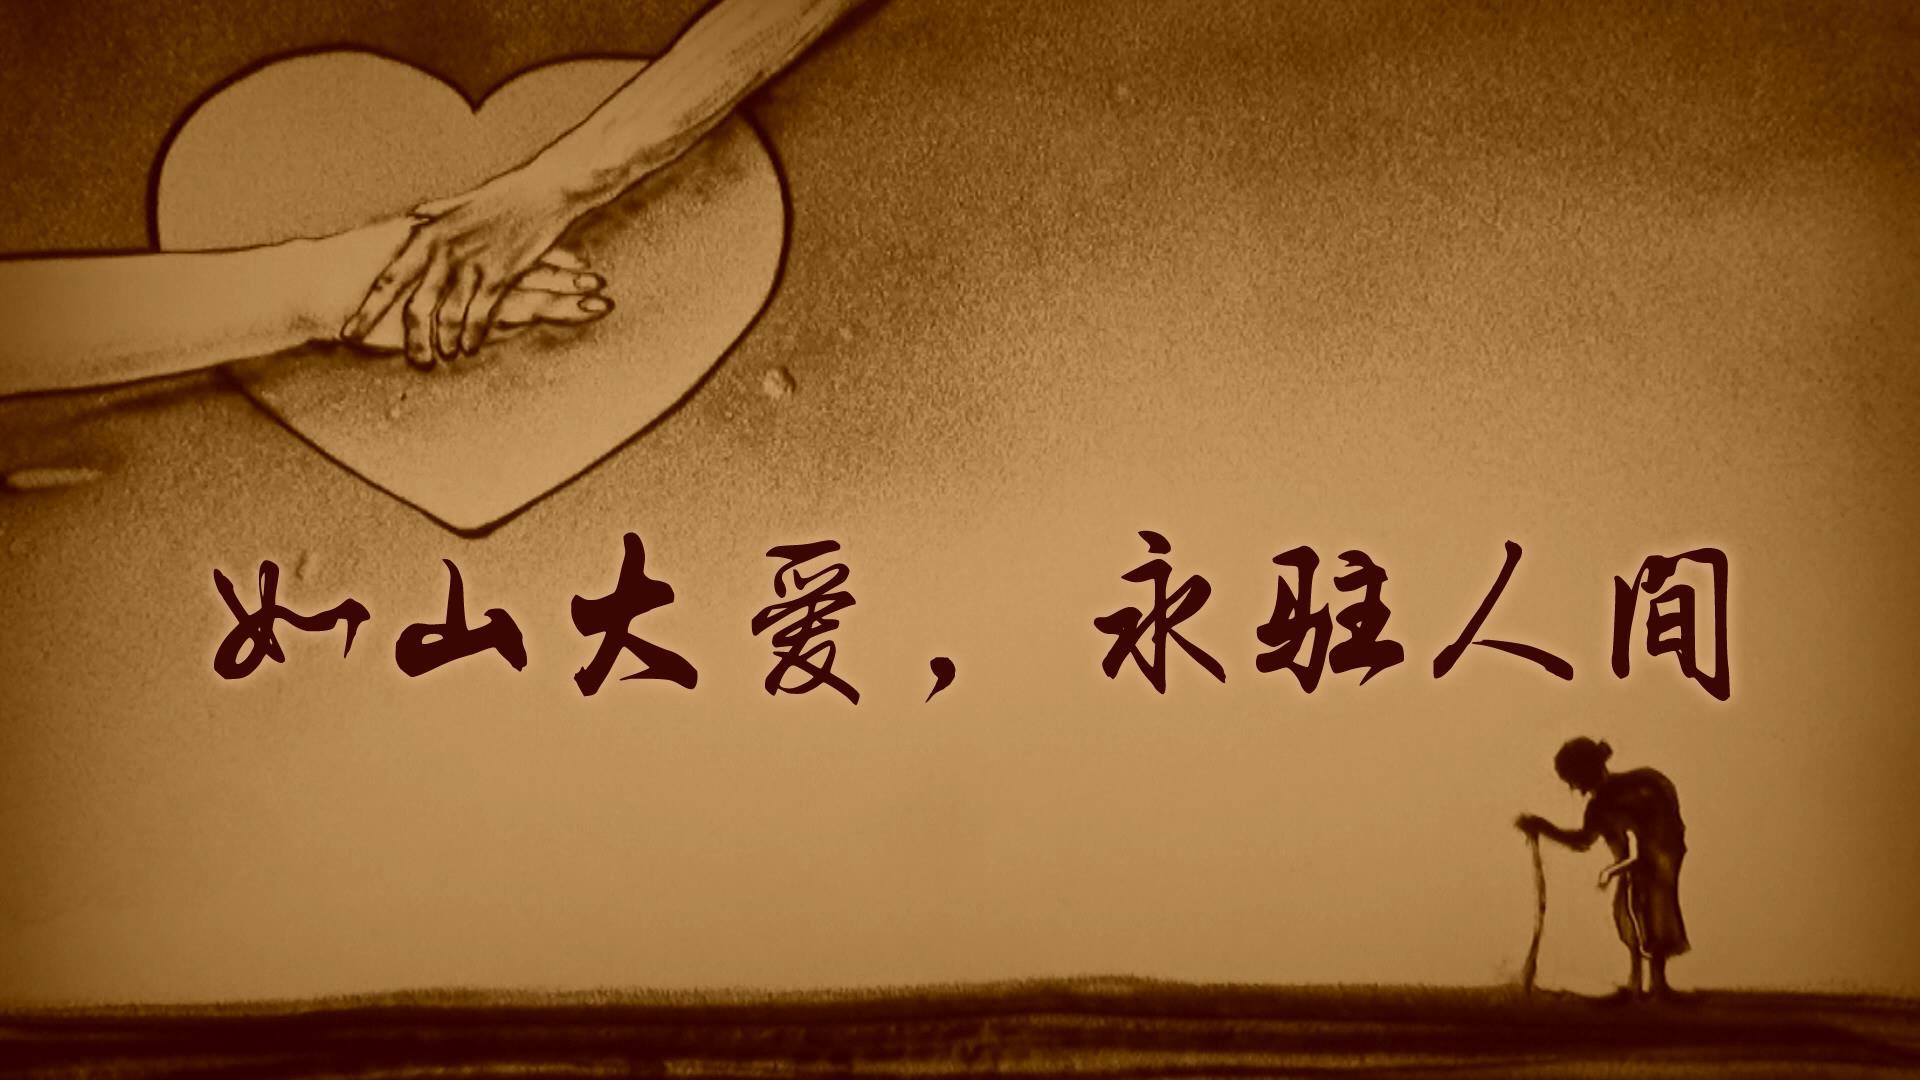 沙画《如山大爱》——中国好人许张氏[00_00_15][20190404-155123].jpg